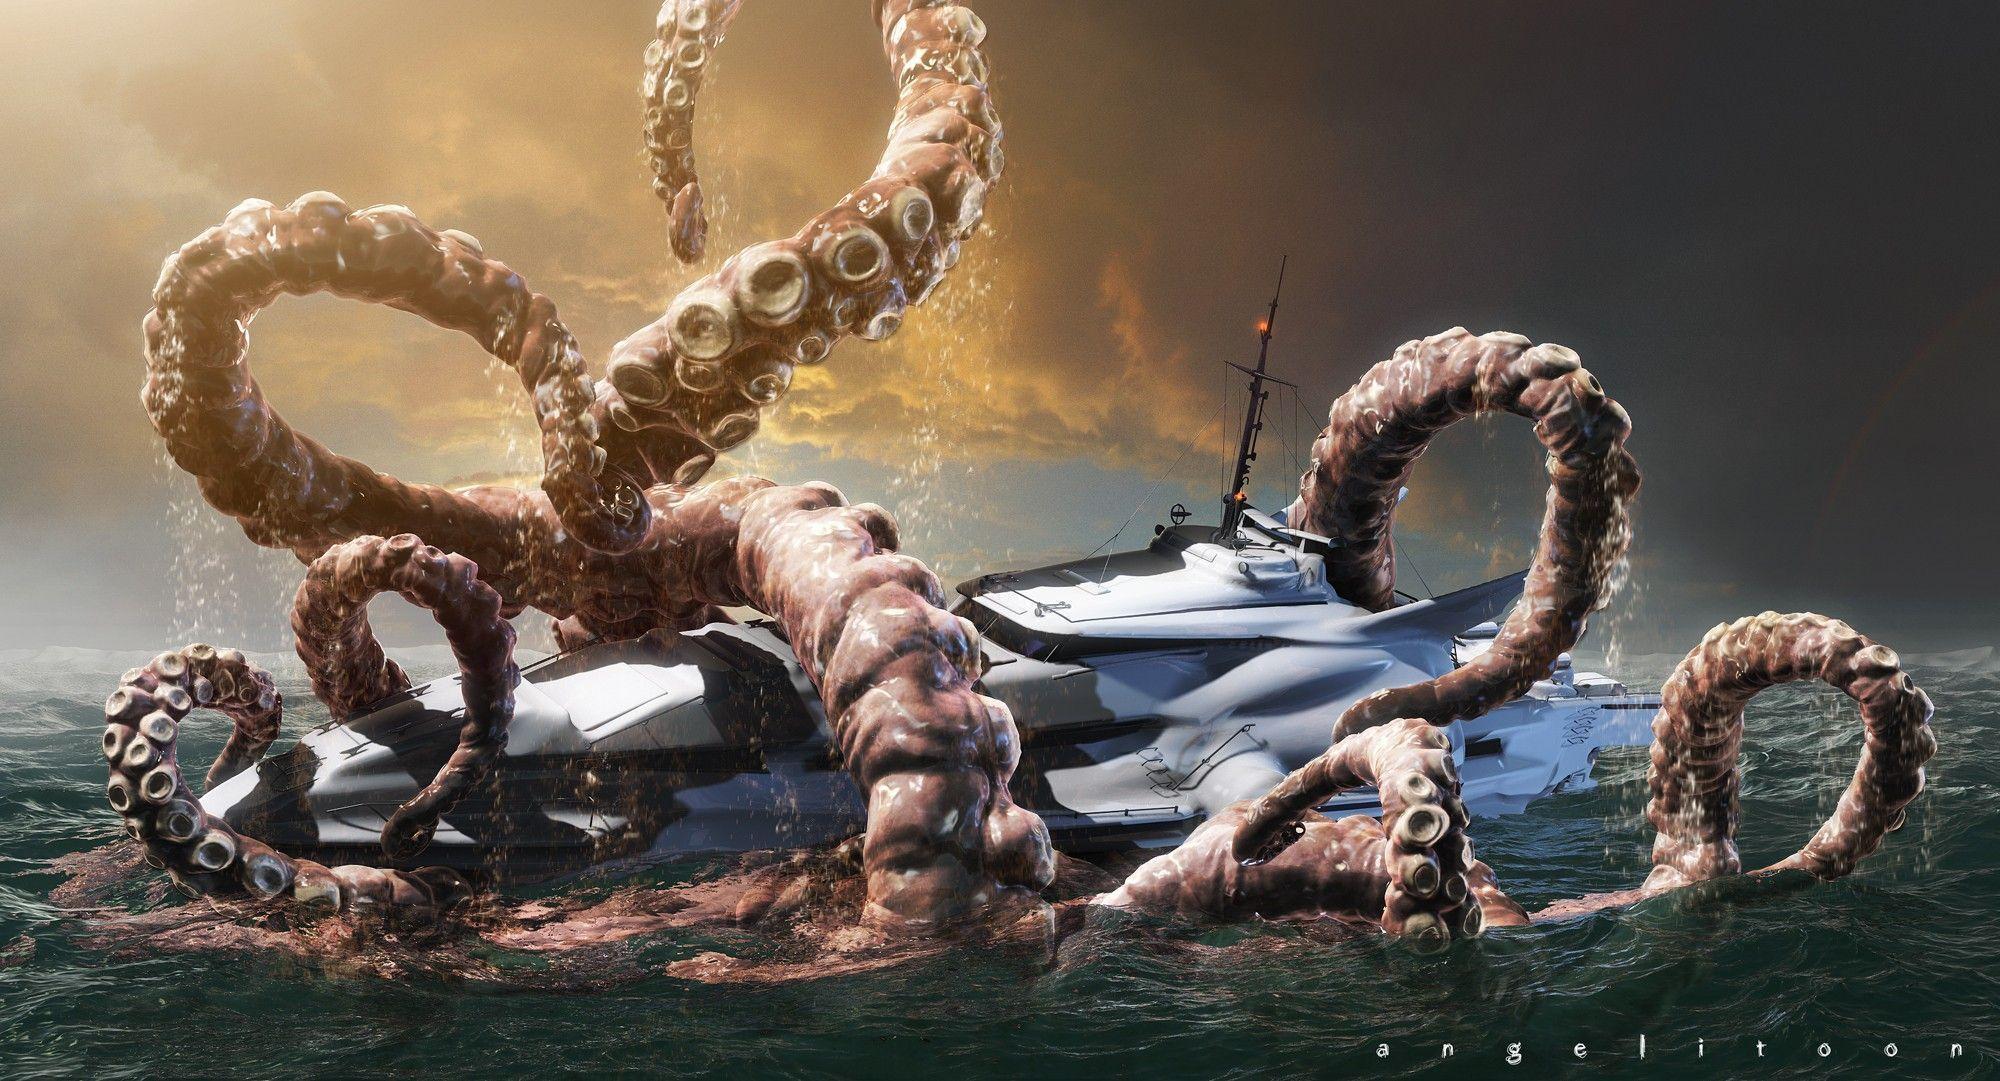 kraken wallpaper wallpapers jhonyvelascojpg - photo #10